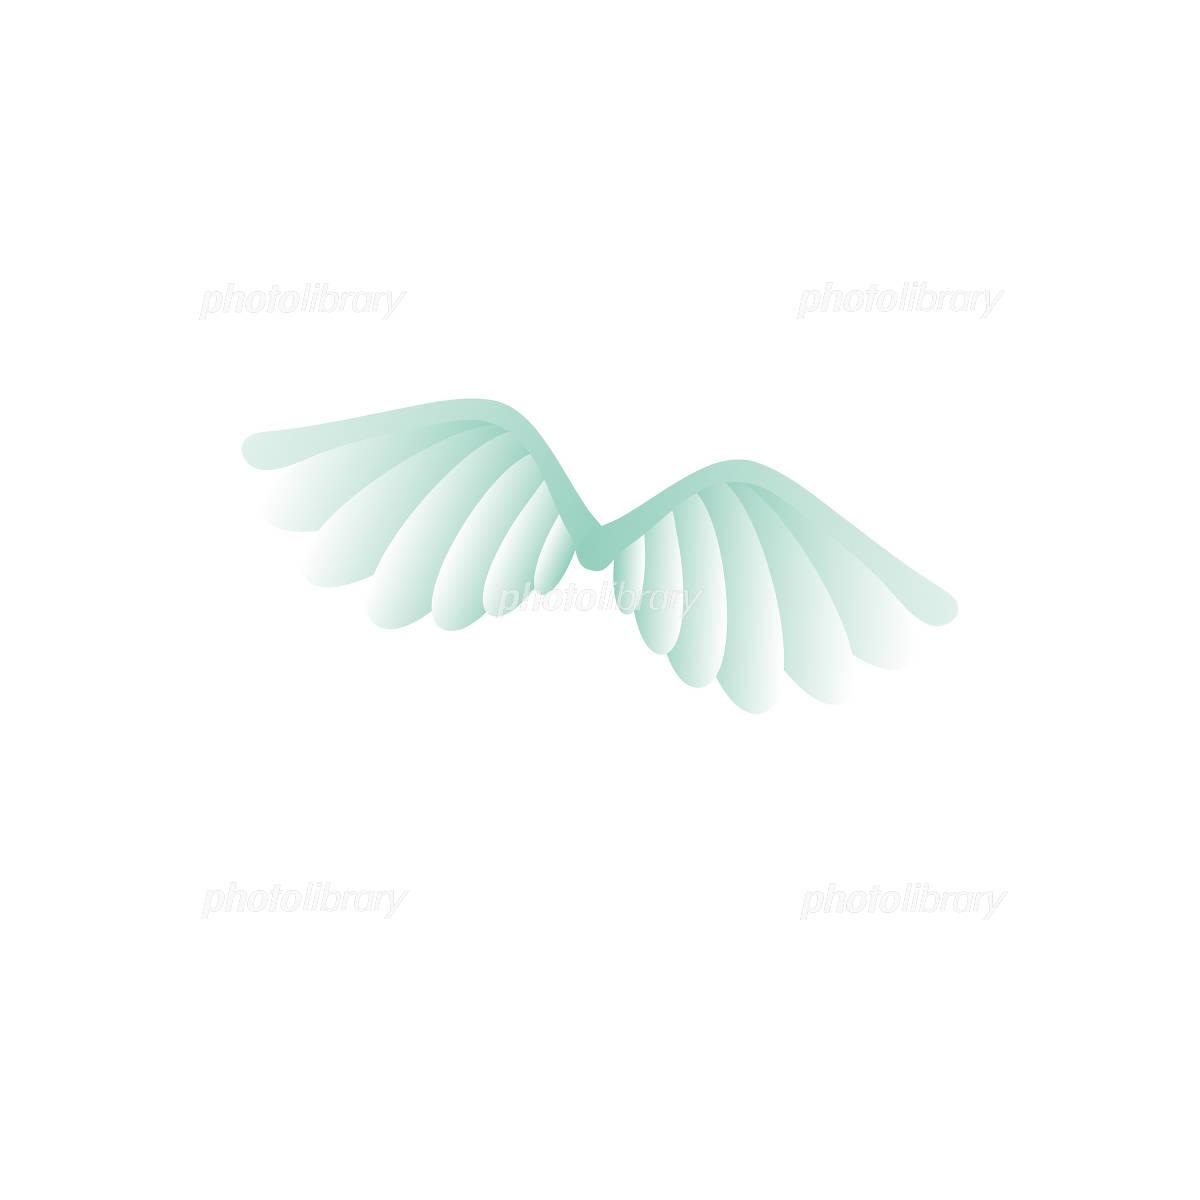 翼のイラスト イラスト素材 1027976 フォトライブラリー Photolibrary